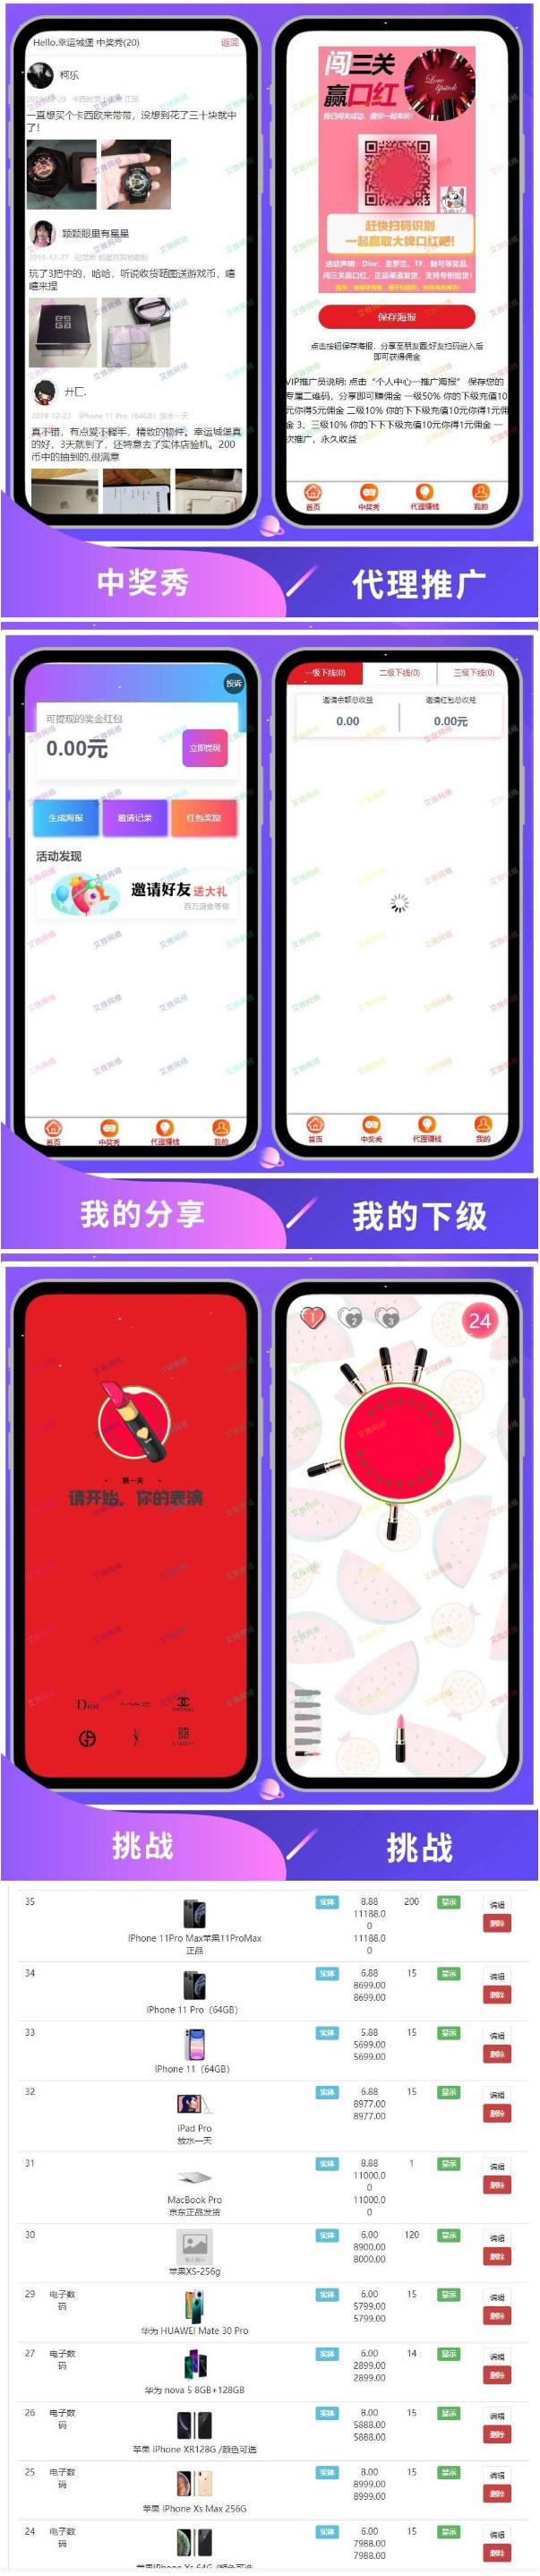 2020口红机带晒图虚拟在线人数网站系统源码 支持三级分销+抖抖赢口红-爱资源分享